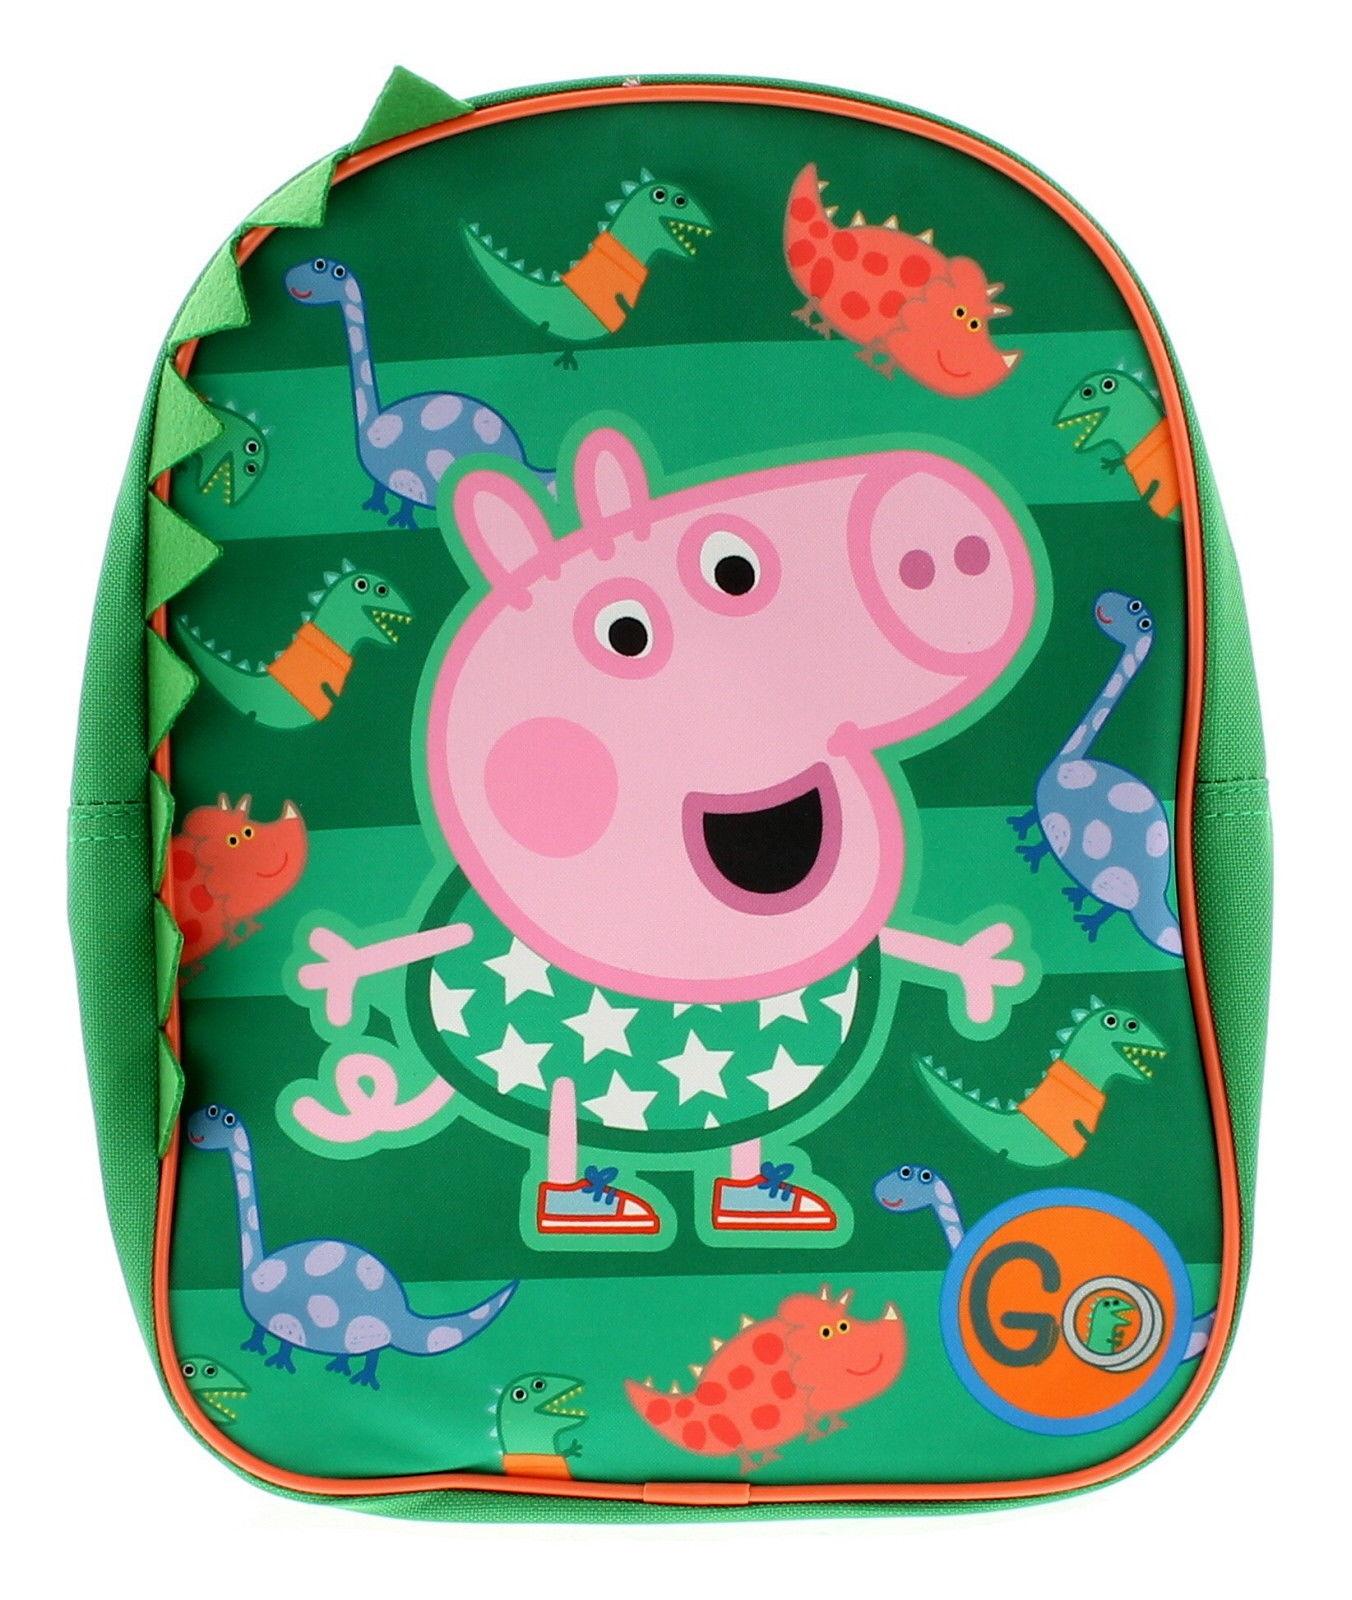 Peppa Pig George Green School Bag Rucksack Backpack